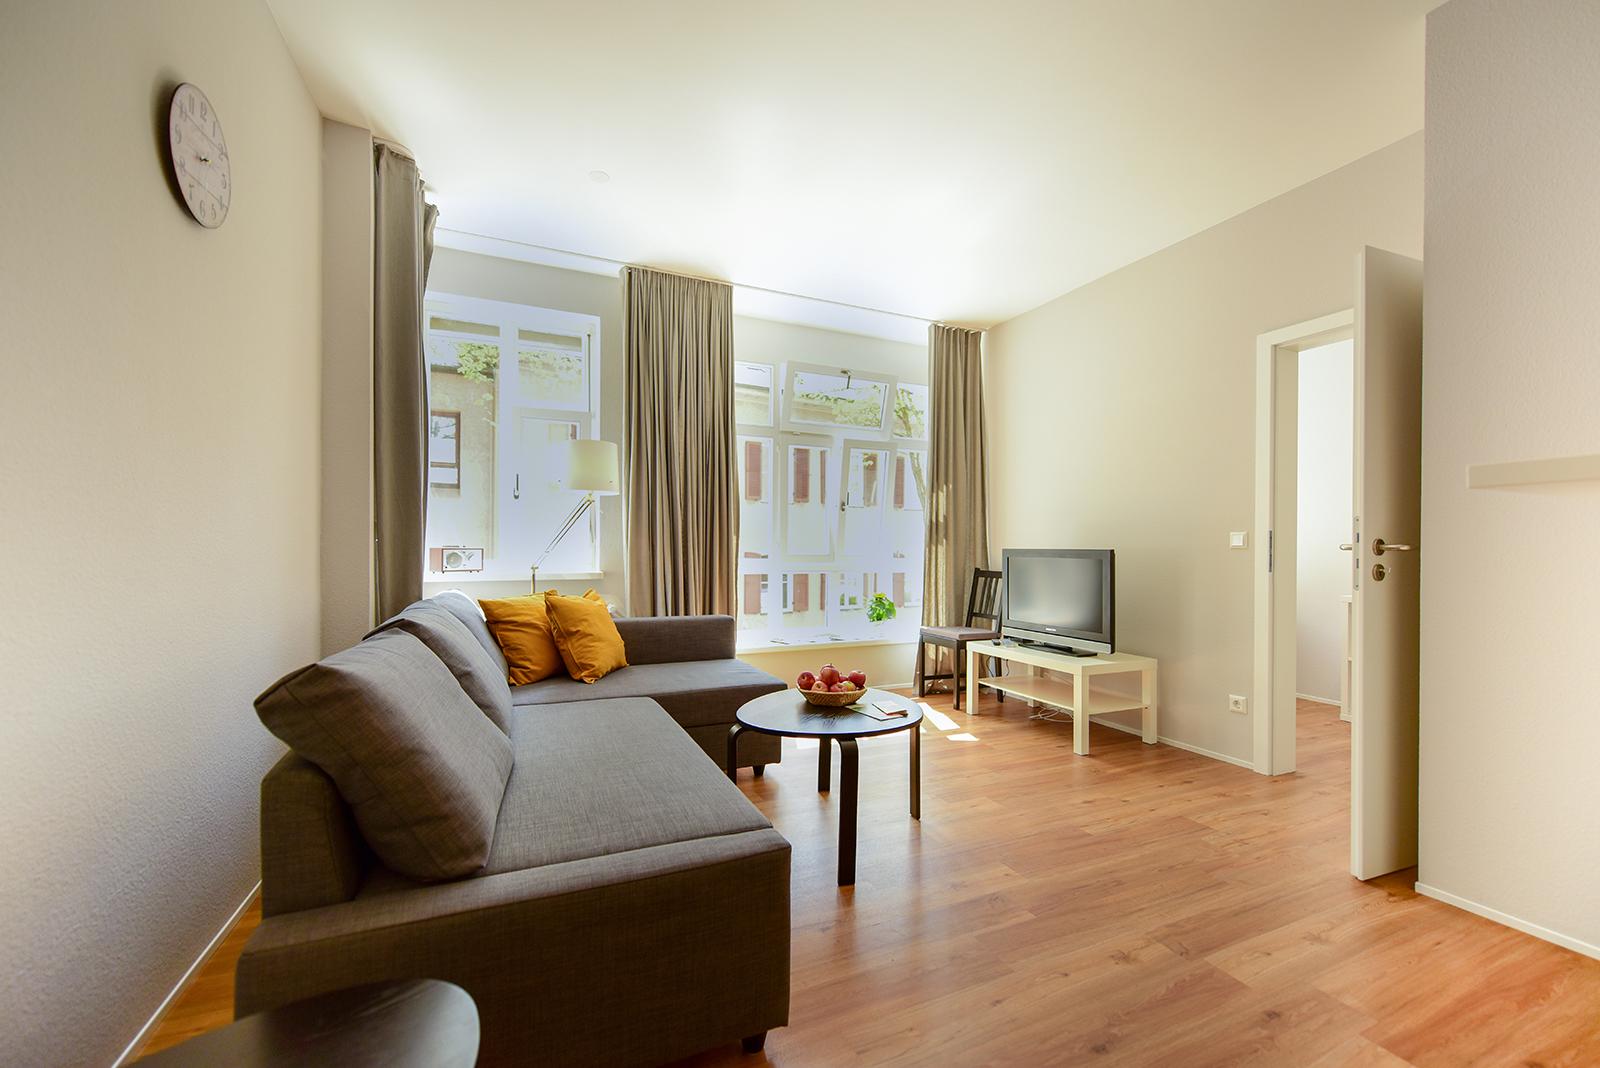 Ferienwohnung am Bodensee: City Appartement 2 - Wohnbereich